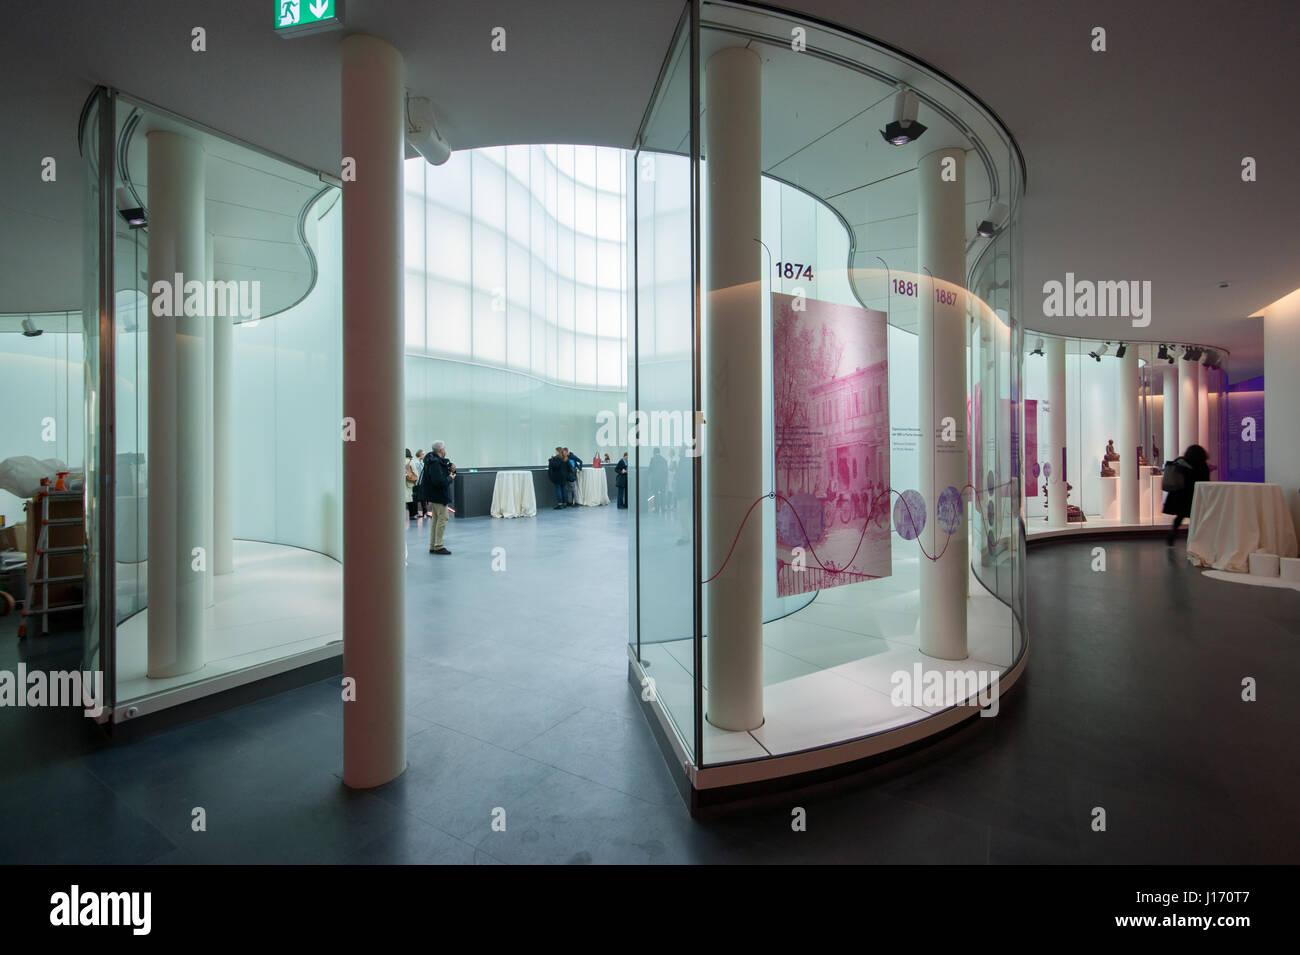 MUDEC - Museo de las culturas de Milán, diseñado por David Chipperfield Architects - plaza cubierta y Imagen De Stock